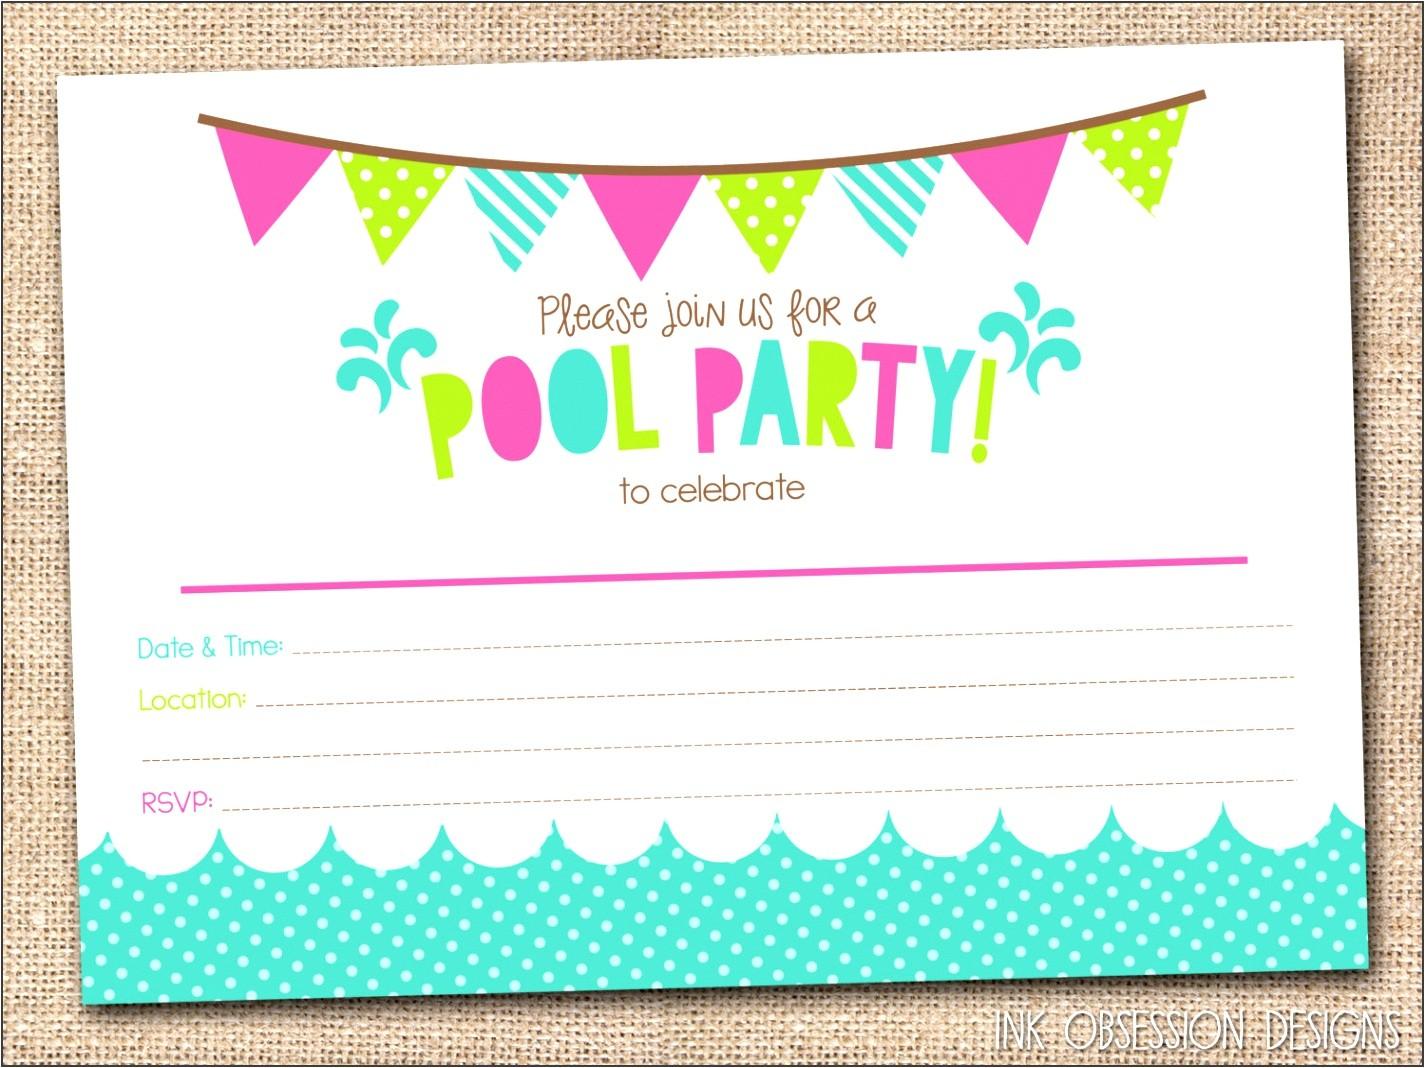 birthday party invitation maker h31yy